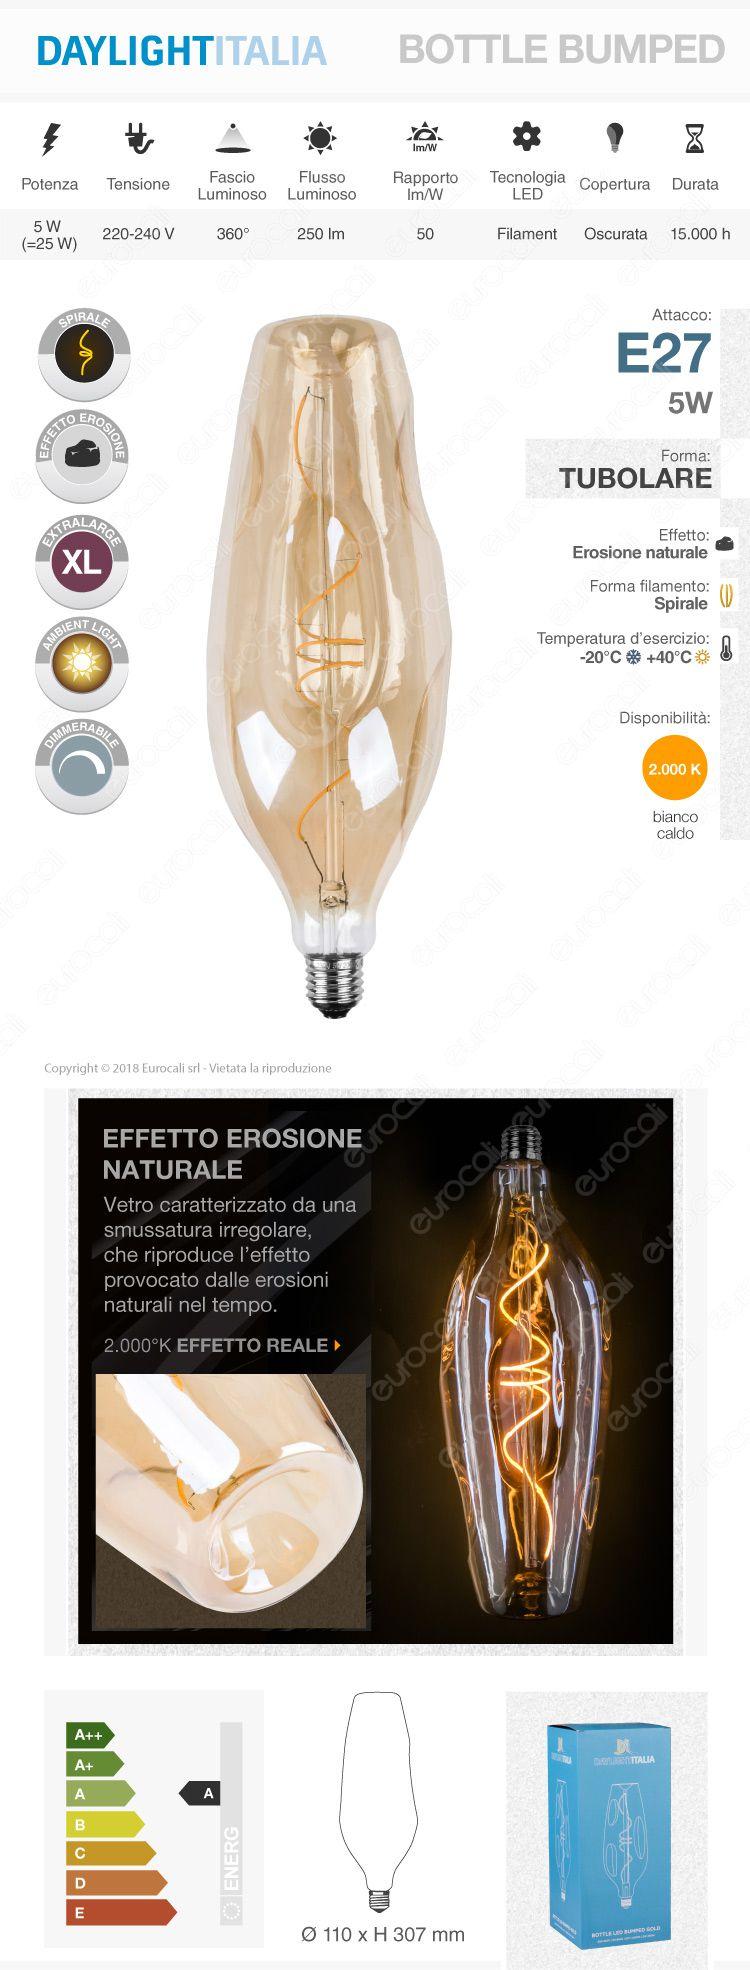 Daylight Lampadina E27 Filamento LED a Spirale 5W Bulb Effetto Erosione Naturale Dimmerabile